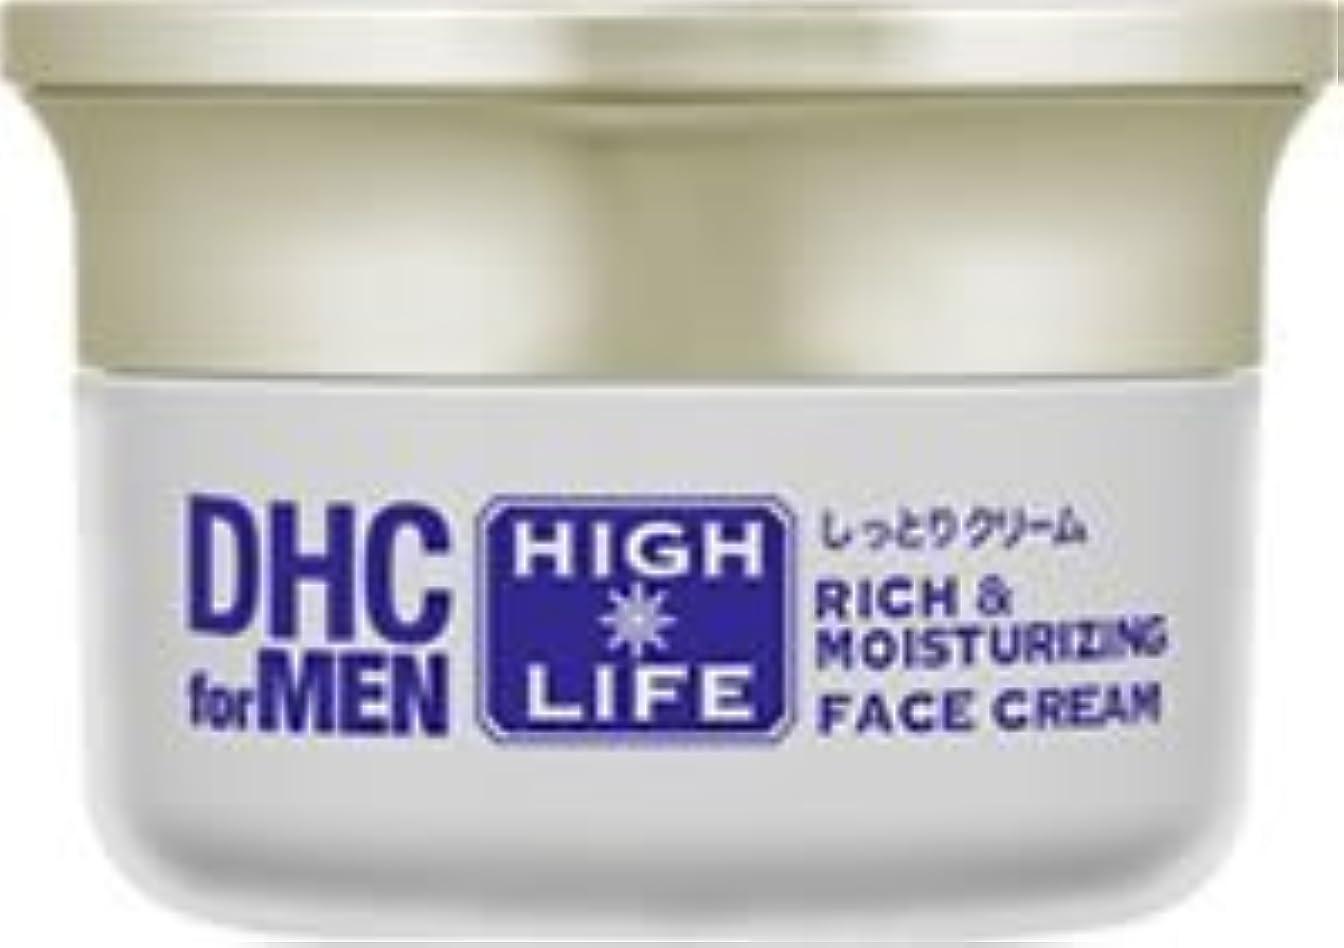 農村化粧バーチャルDHCリッチ&モイスチュア フェースクリーム【DHC for MEN ハイライフ】